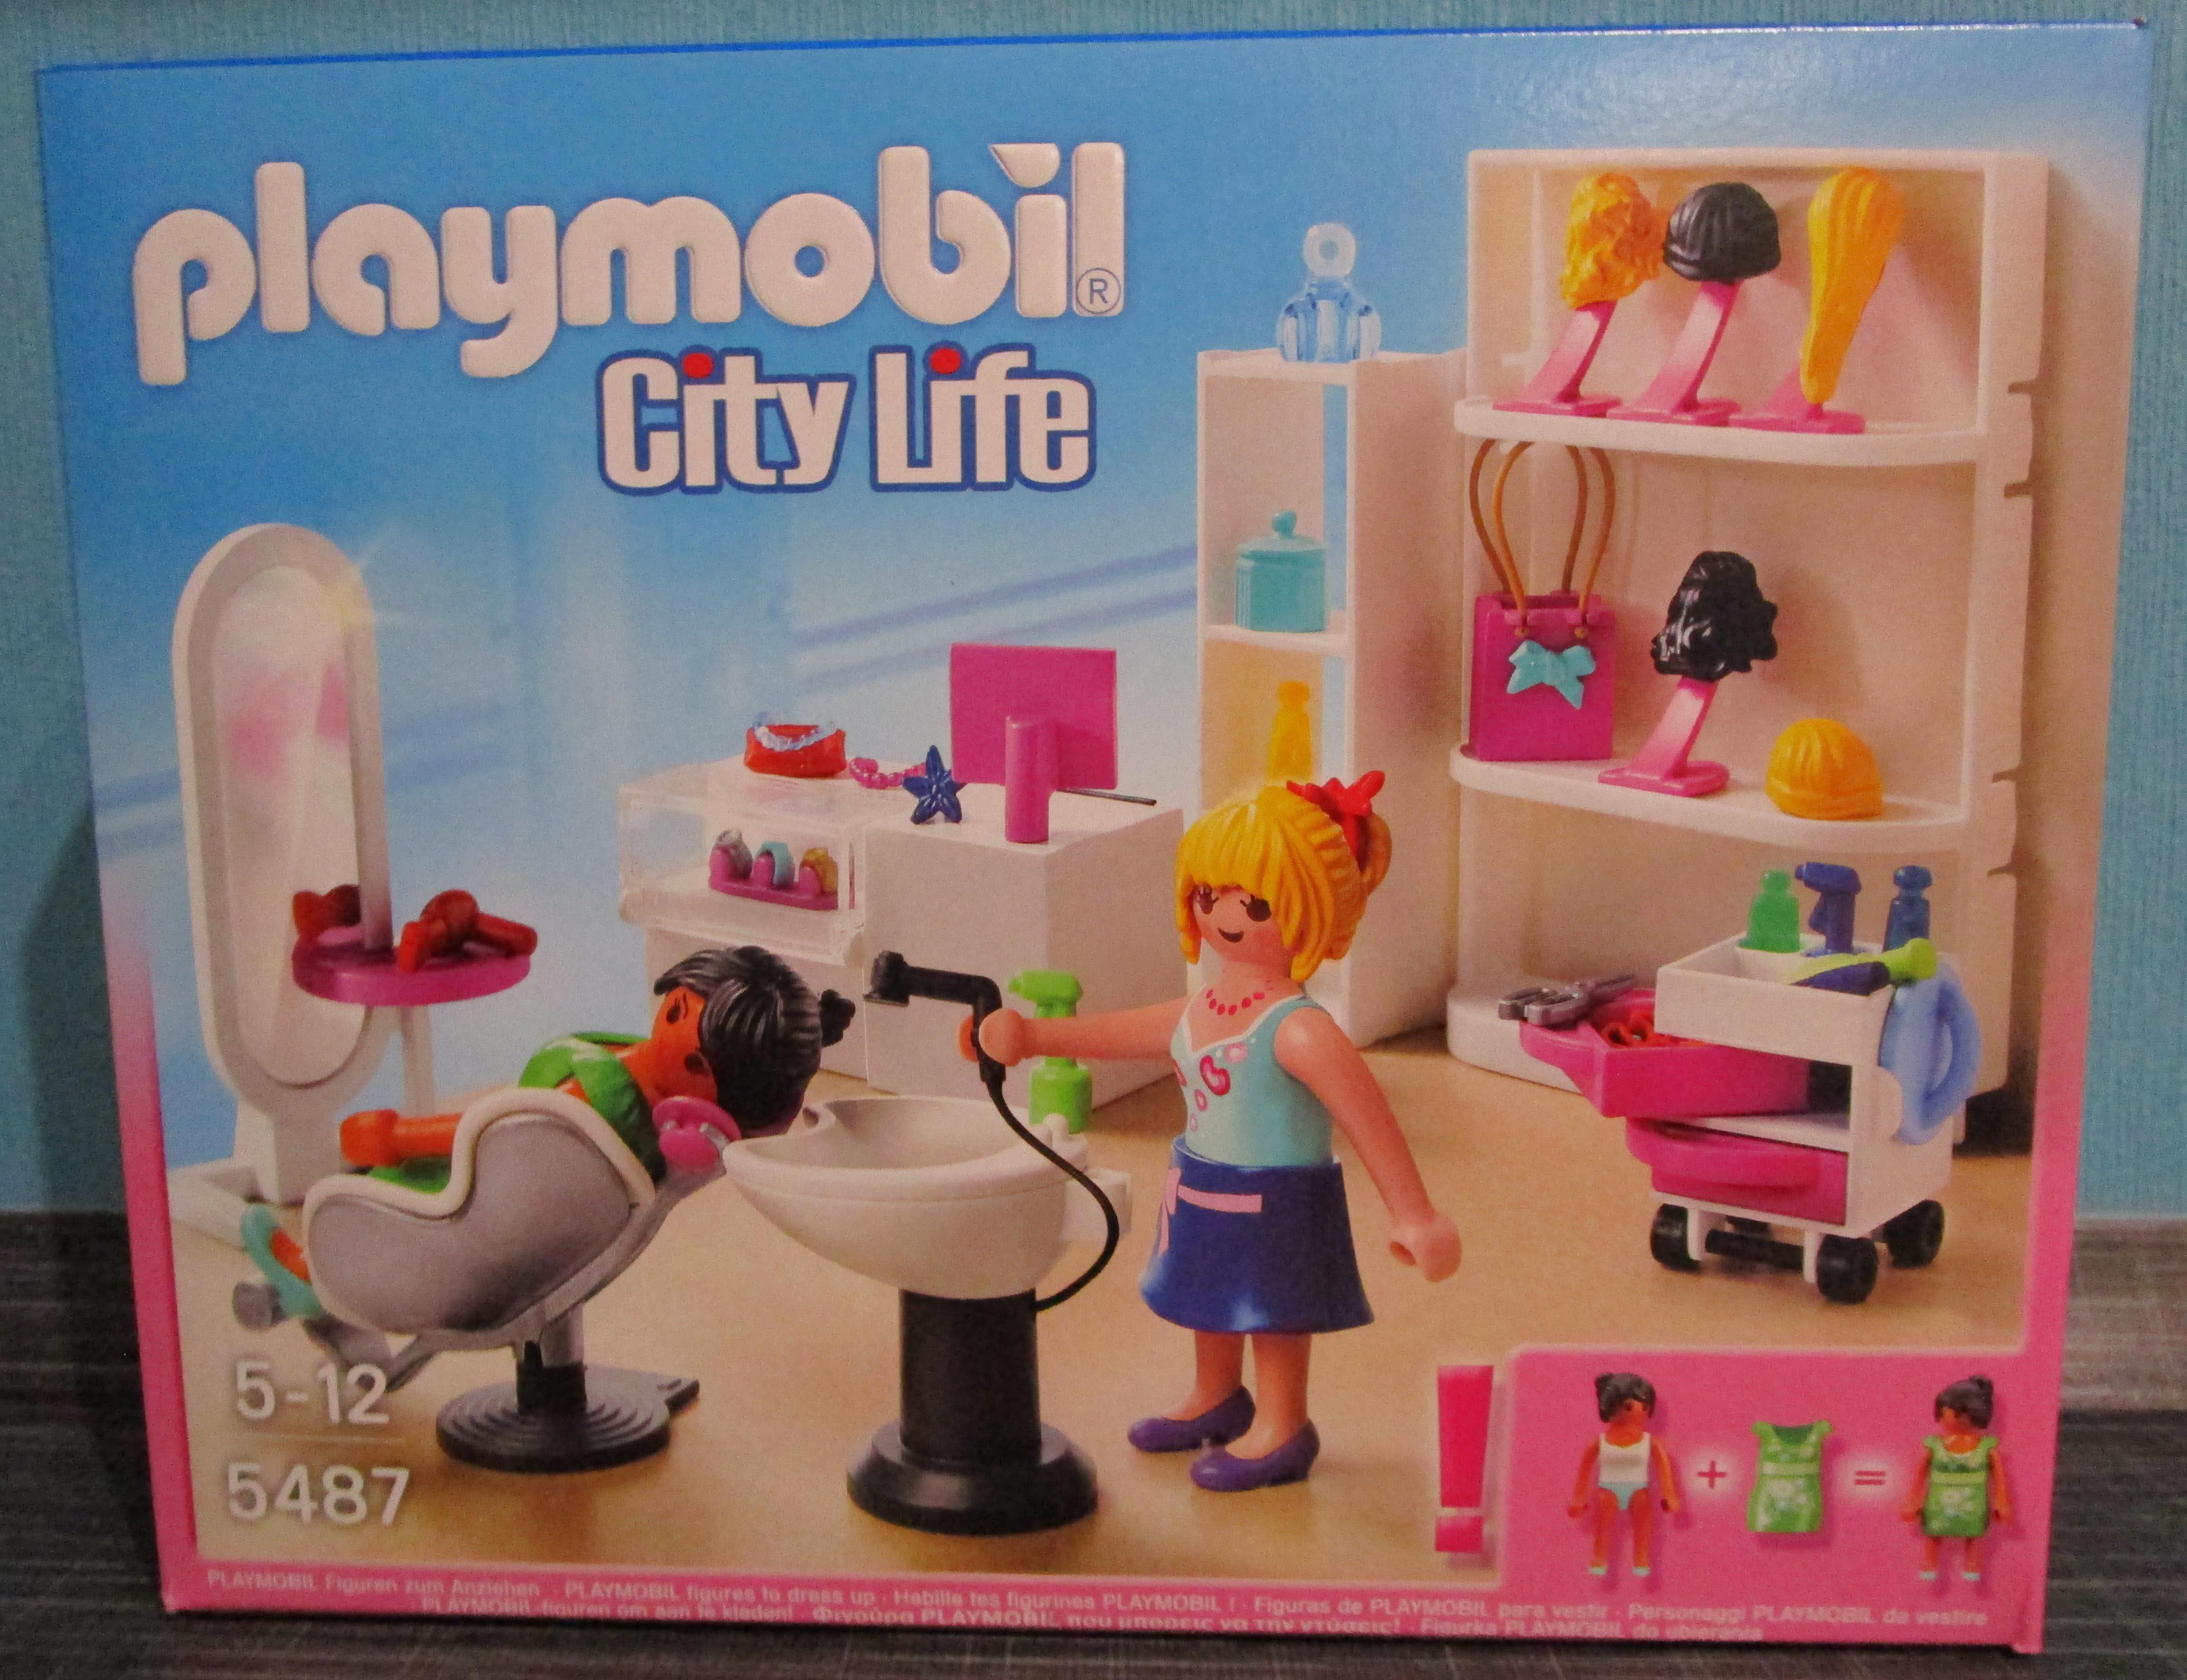 Playmobil 5487 Friseur Verpackung vorne Playmobil Spielzeug im Vergleich: Friseursalon 4413 vs. Beauty Salon 5487   Rollenspiel Waschen, schneiden, fönen   bitte